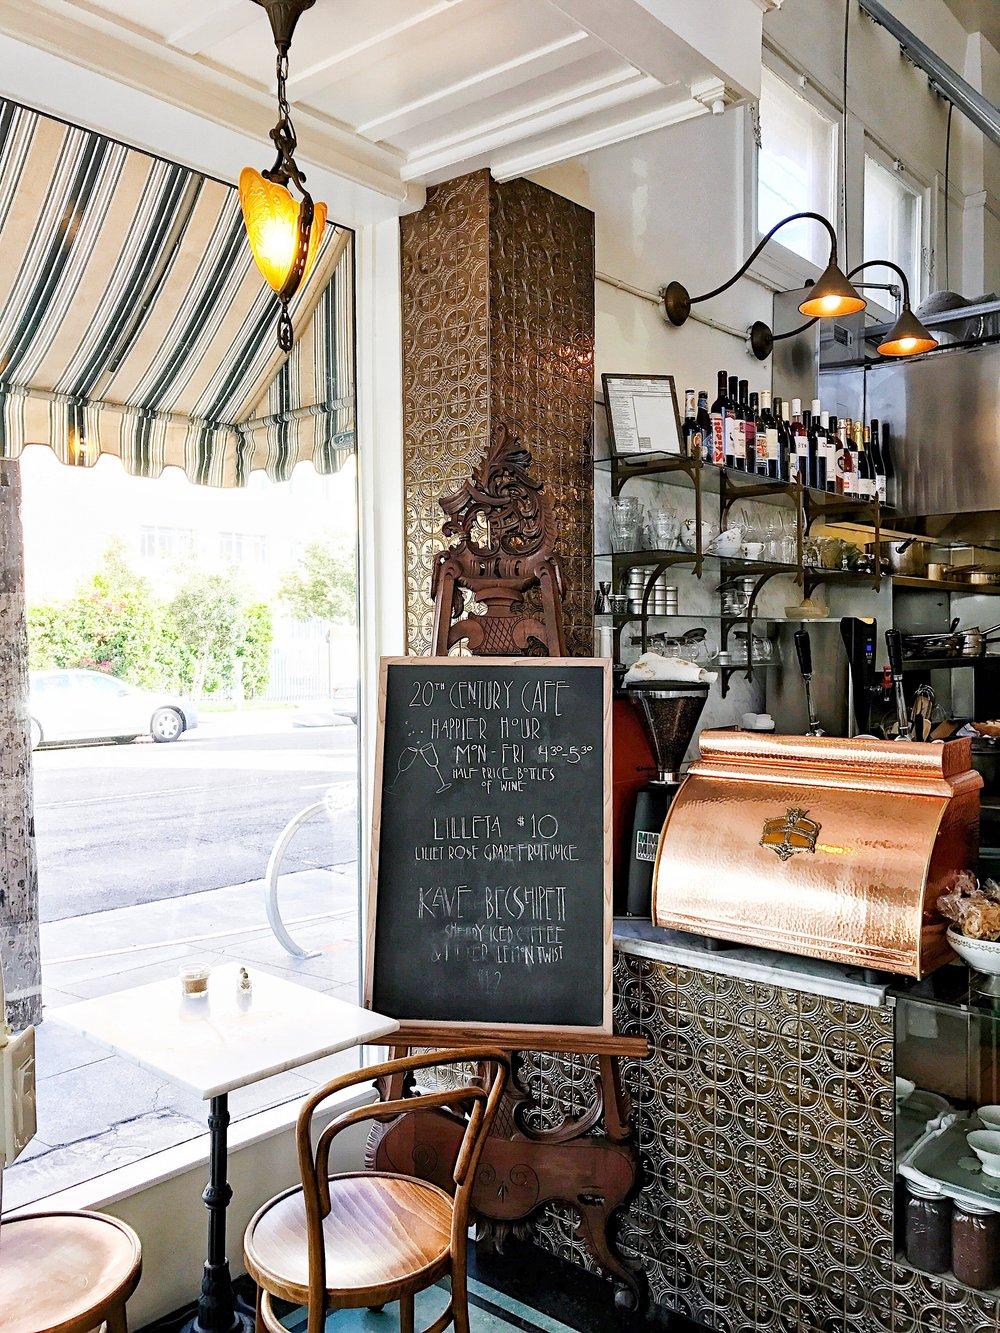 20 Century Cafè